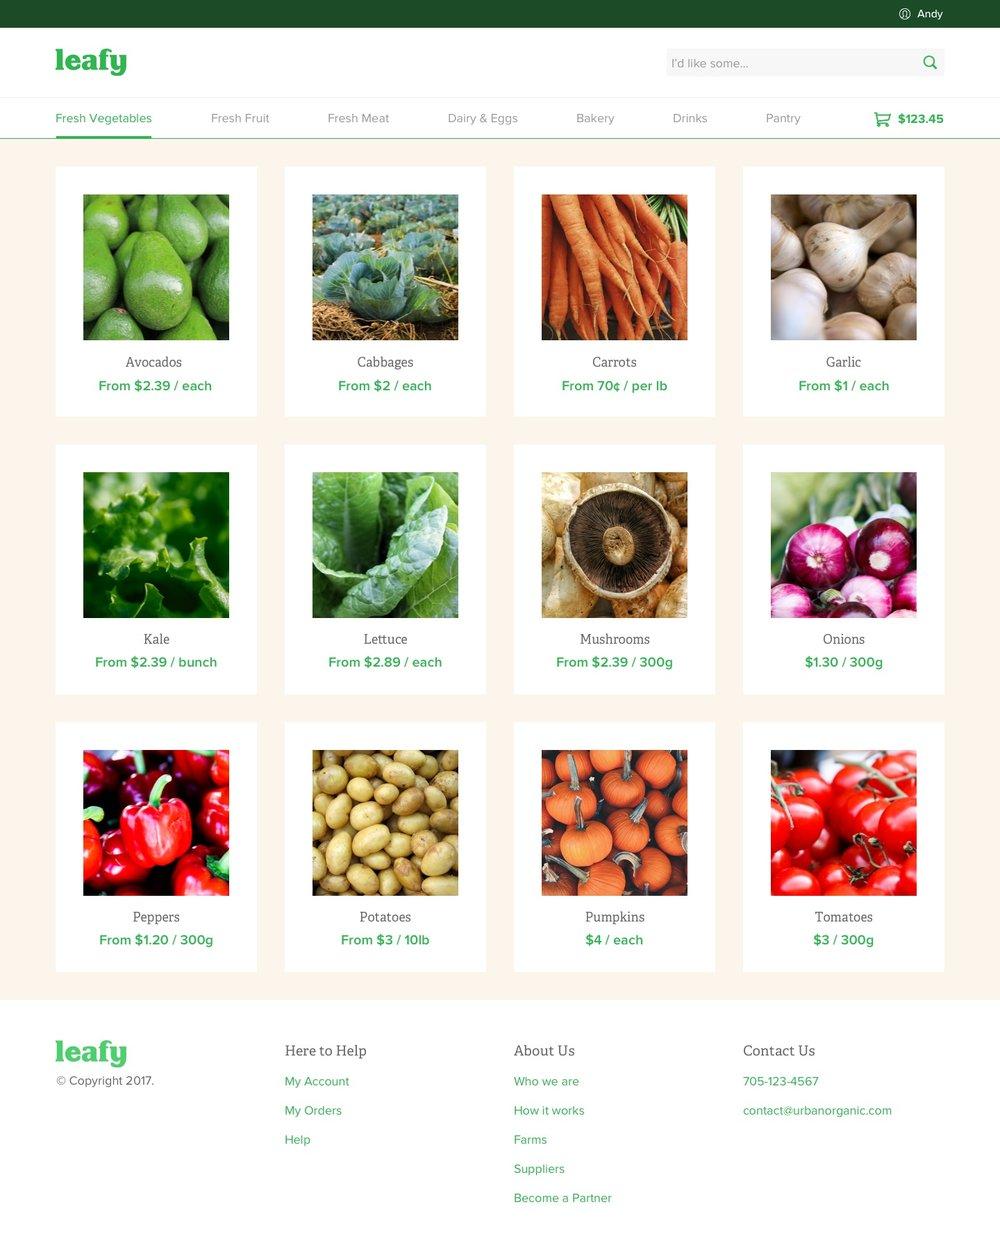 leafy_grid.jpg